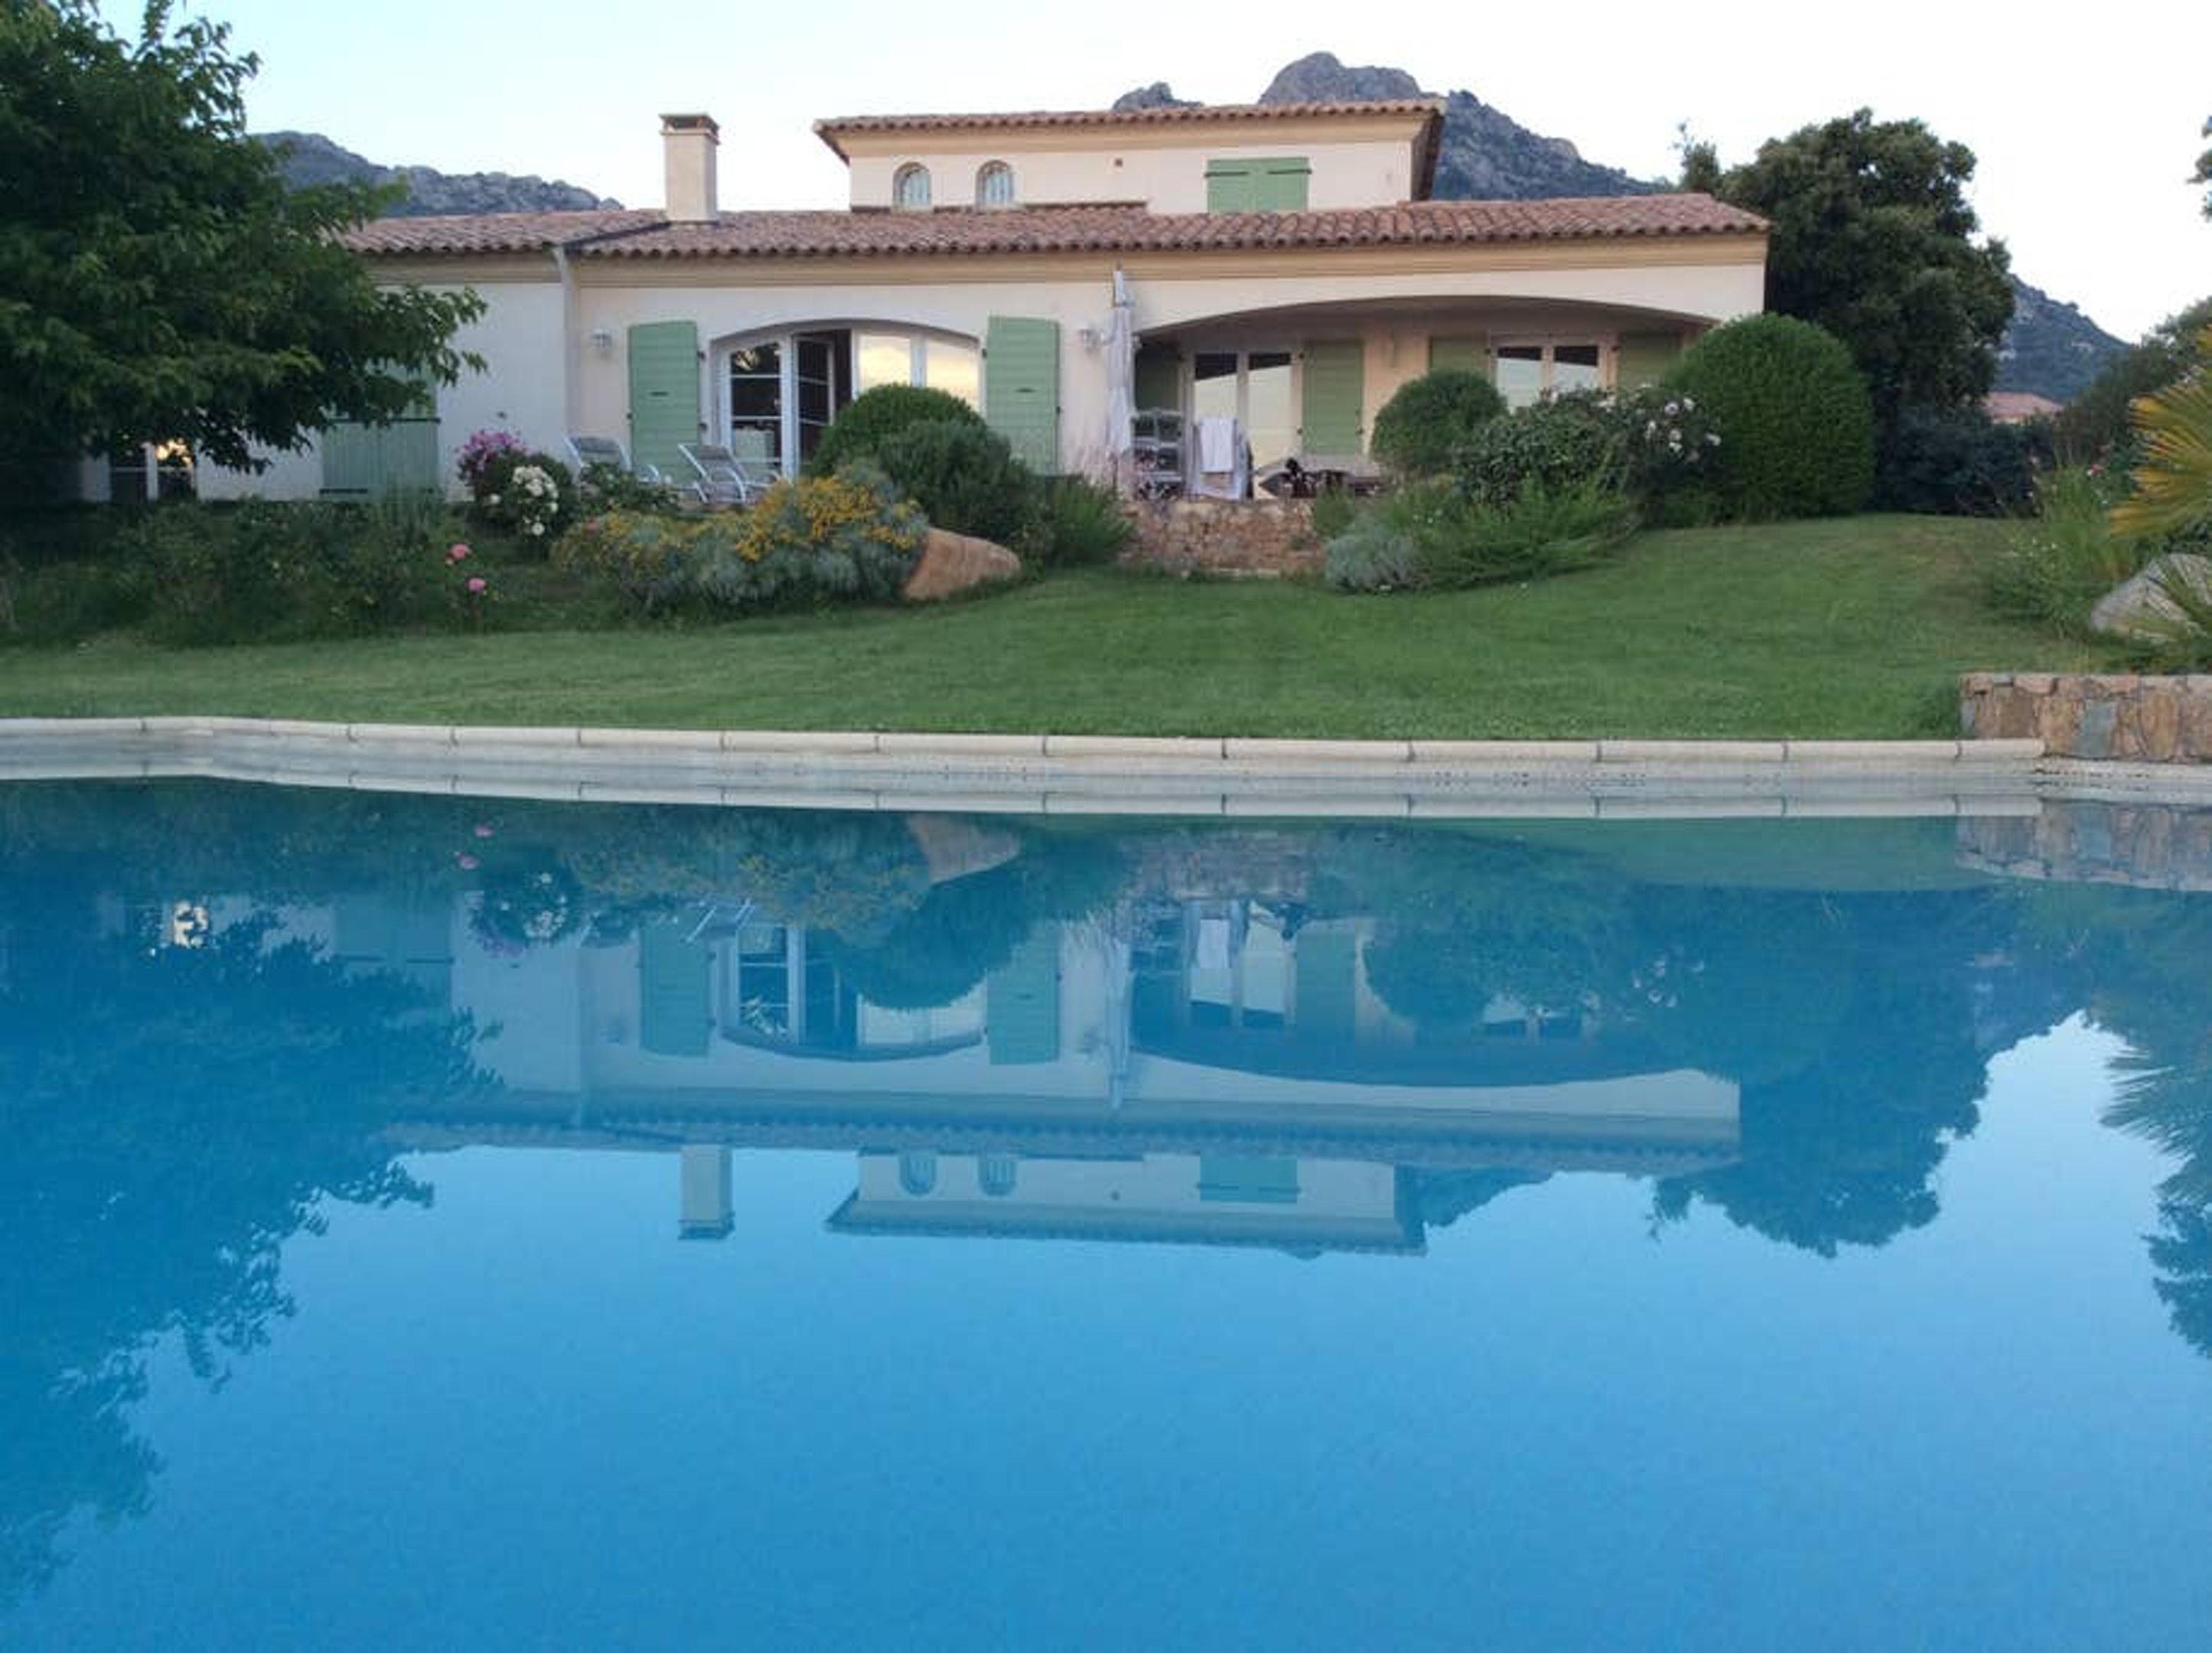 Ferienhaus Villa mit 4 Schlafzimmern in Lumio mit herrlichem Meerblick, privatem Pool, möbliertem Gar (2632533), Lumio, Nordkorsika, Korsika, Frankreich, Bild 13